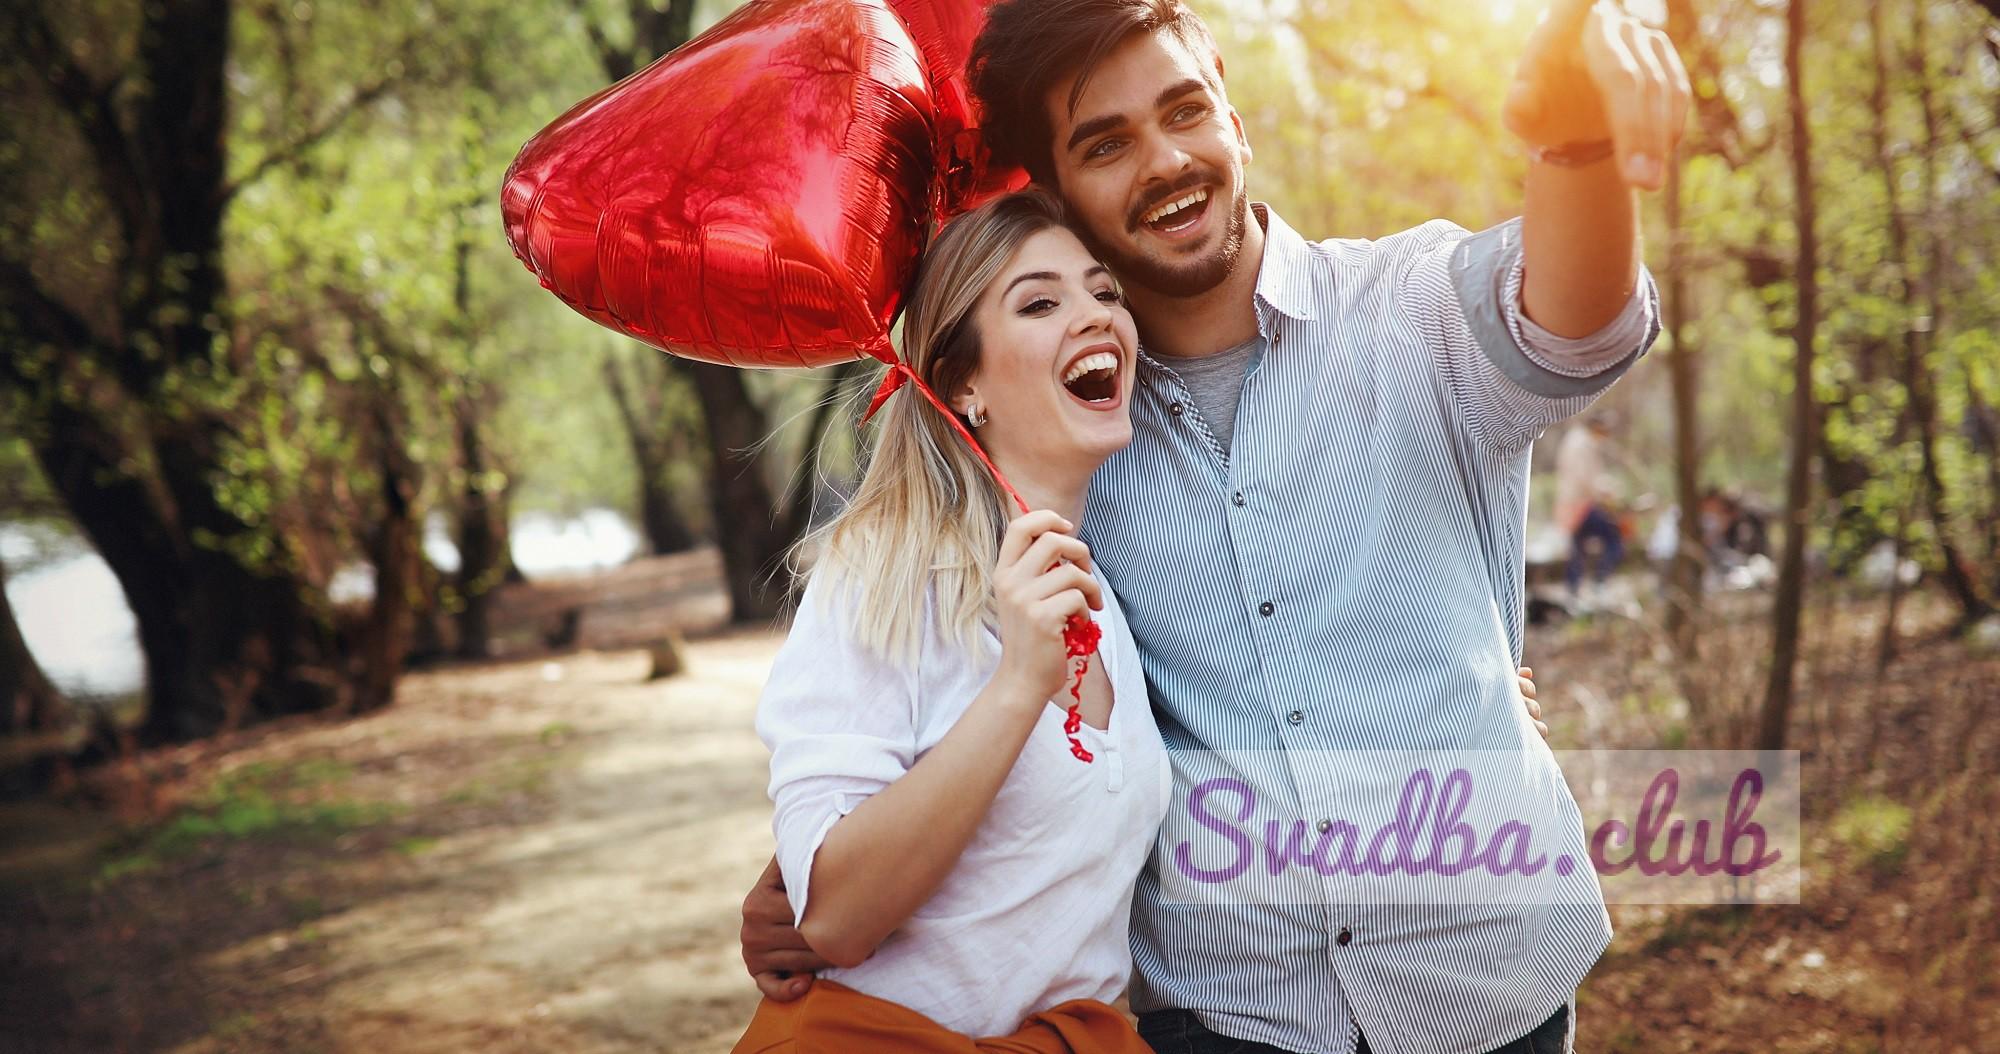 85/5000 летние каникулы, празднование и знакомство - счастливая пара с разноцветными воздушными шарами